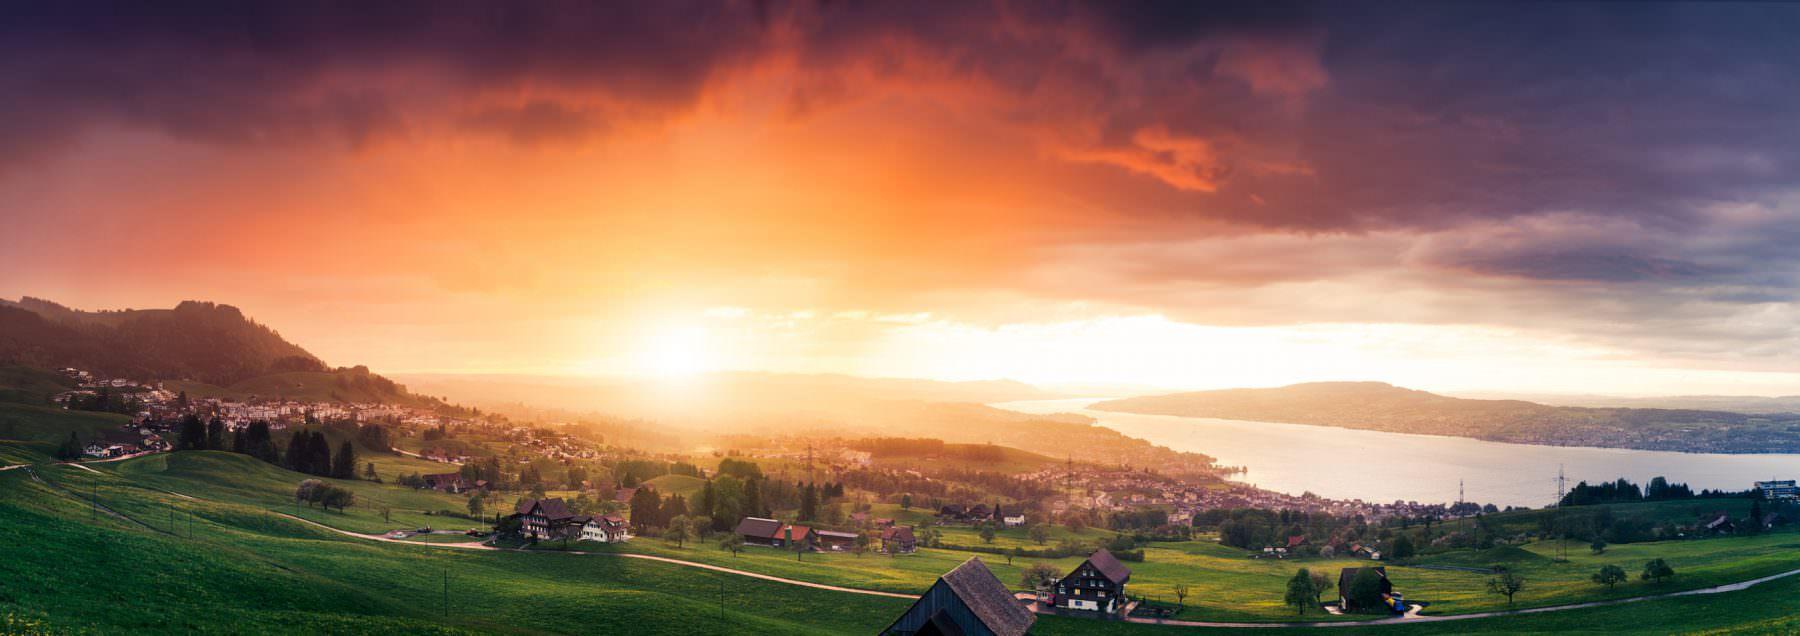 Sommergewitter in Schindellegi mit Blick auf den Zürichsee